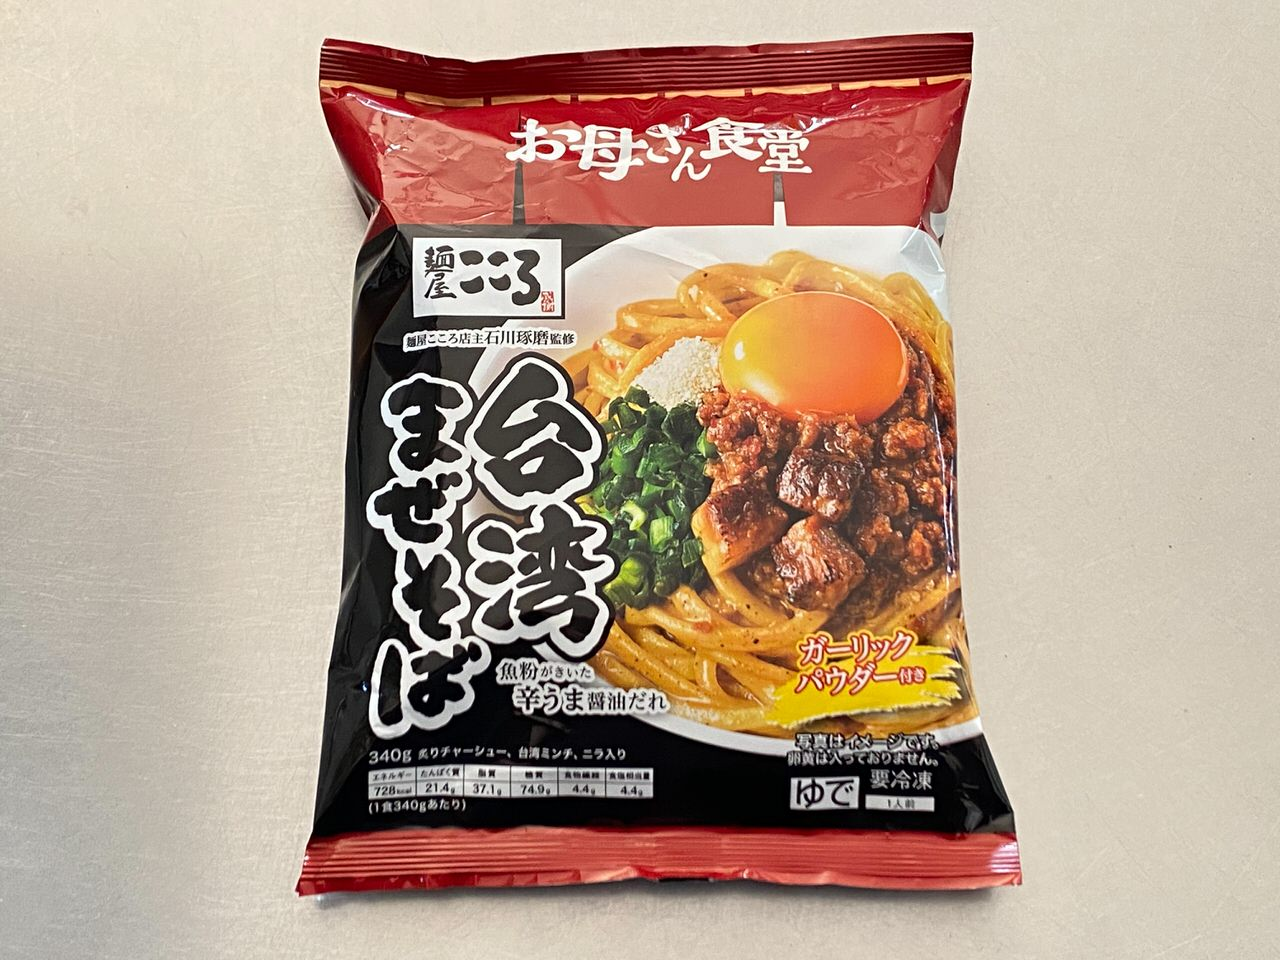 【ファミマ】「麺屋こころ監修 台湾まぜそば」 001 202103